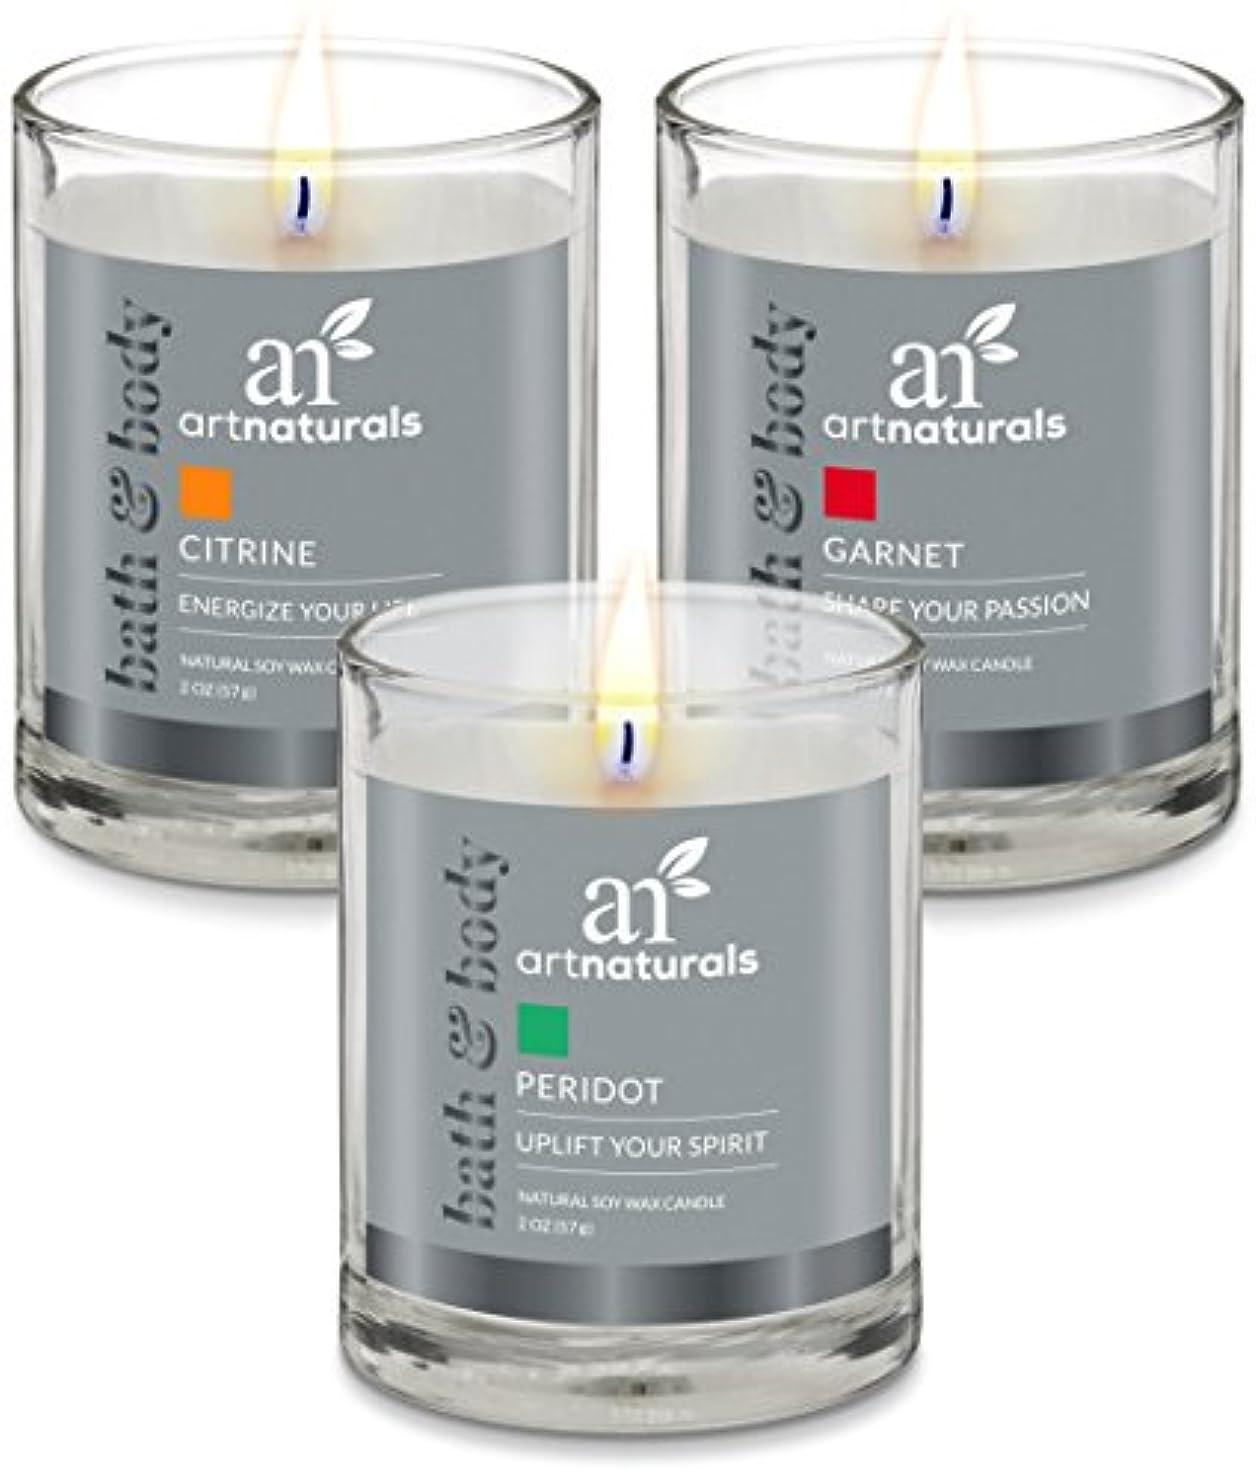 制裁合体広告主ArtNaturals Scented Candle Gift Set – 6 PieceアロマセラピーのセットFragrance大豆ワックス – Made in USA with Essential Oils – For...